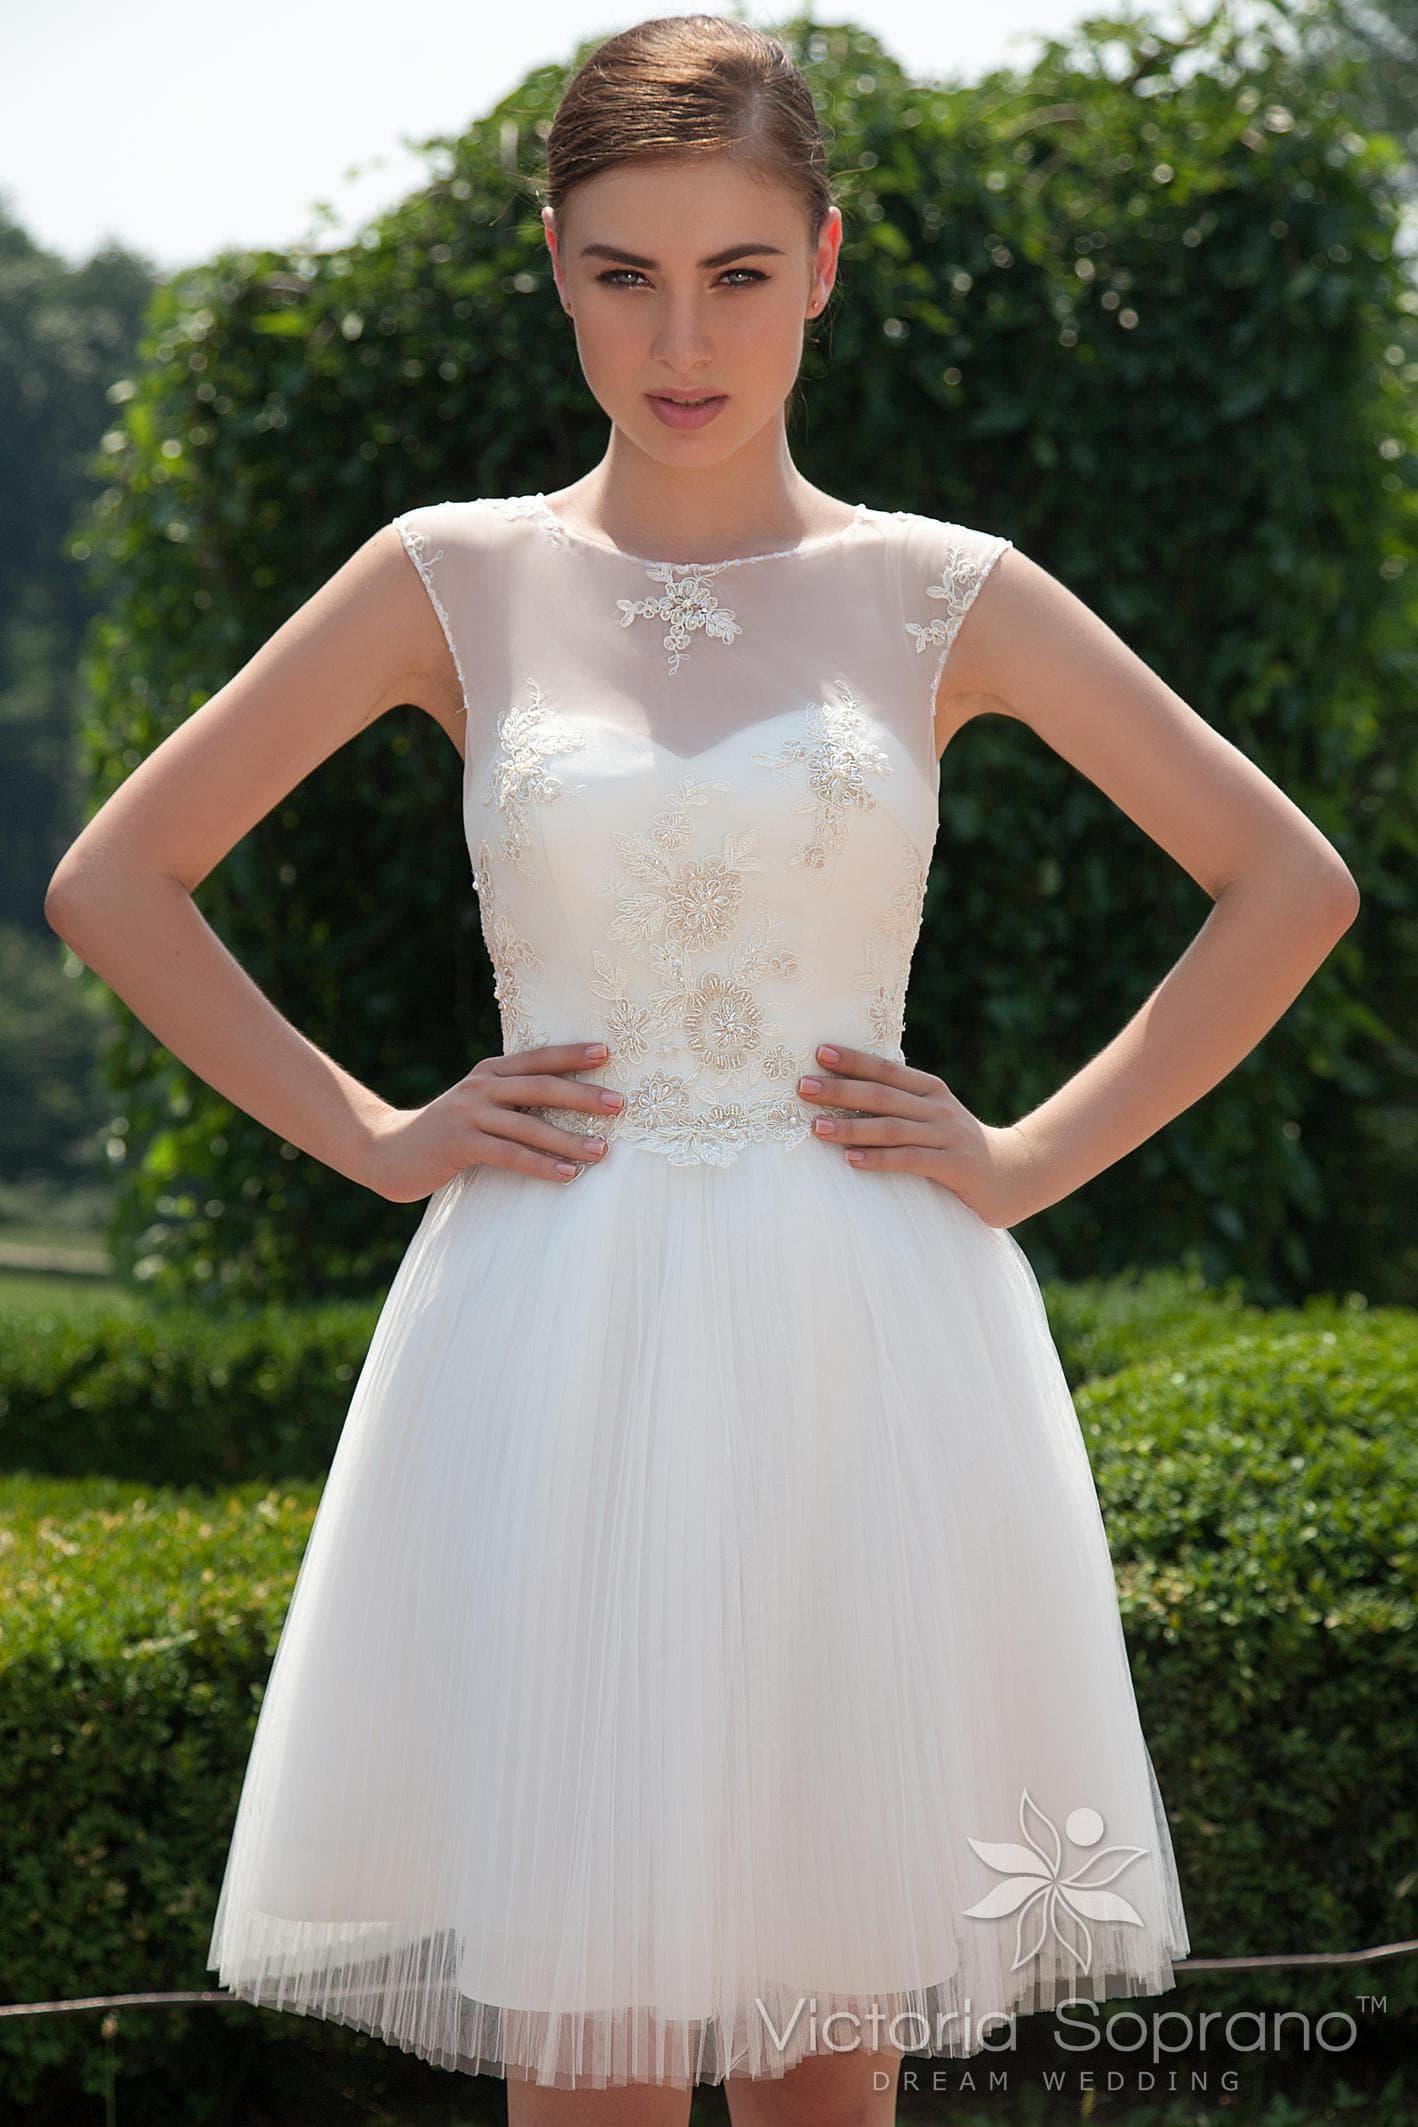 cb8a6e7e743fead Короткое свадебное платье с открытой спинкой, украшенное по корсету  бисерной вышивкой.